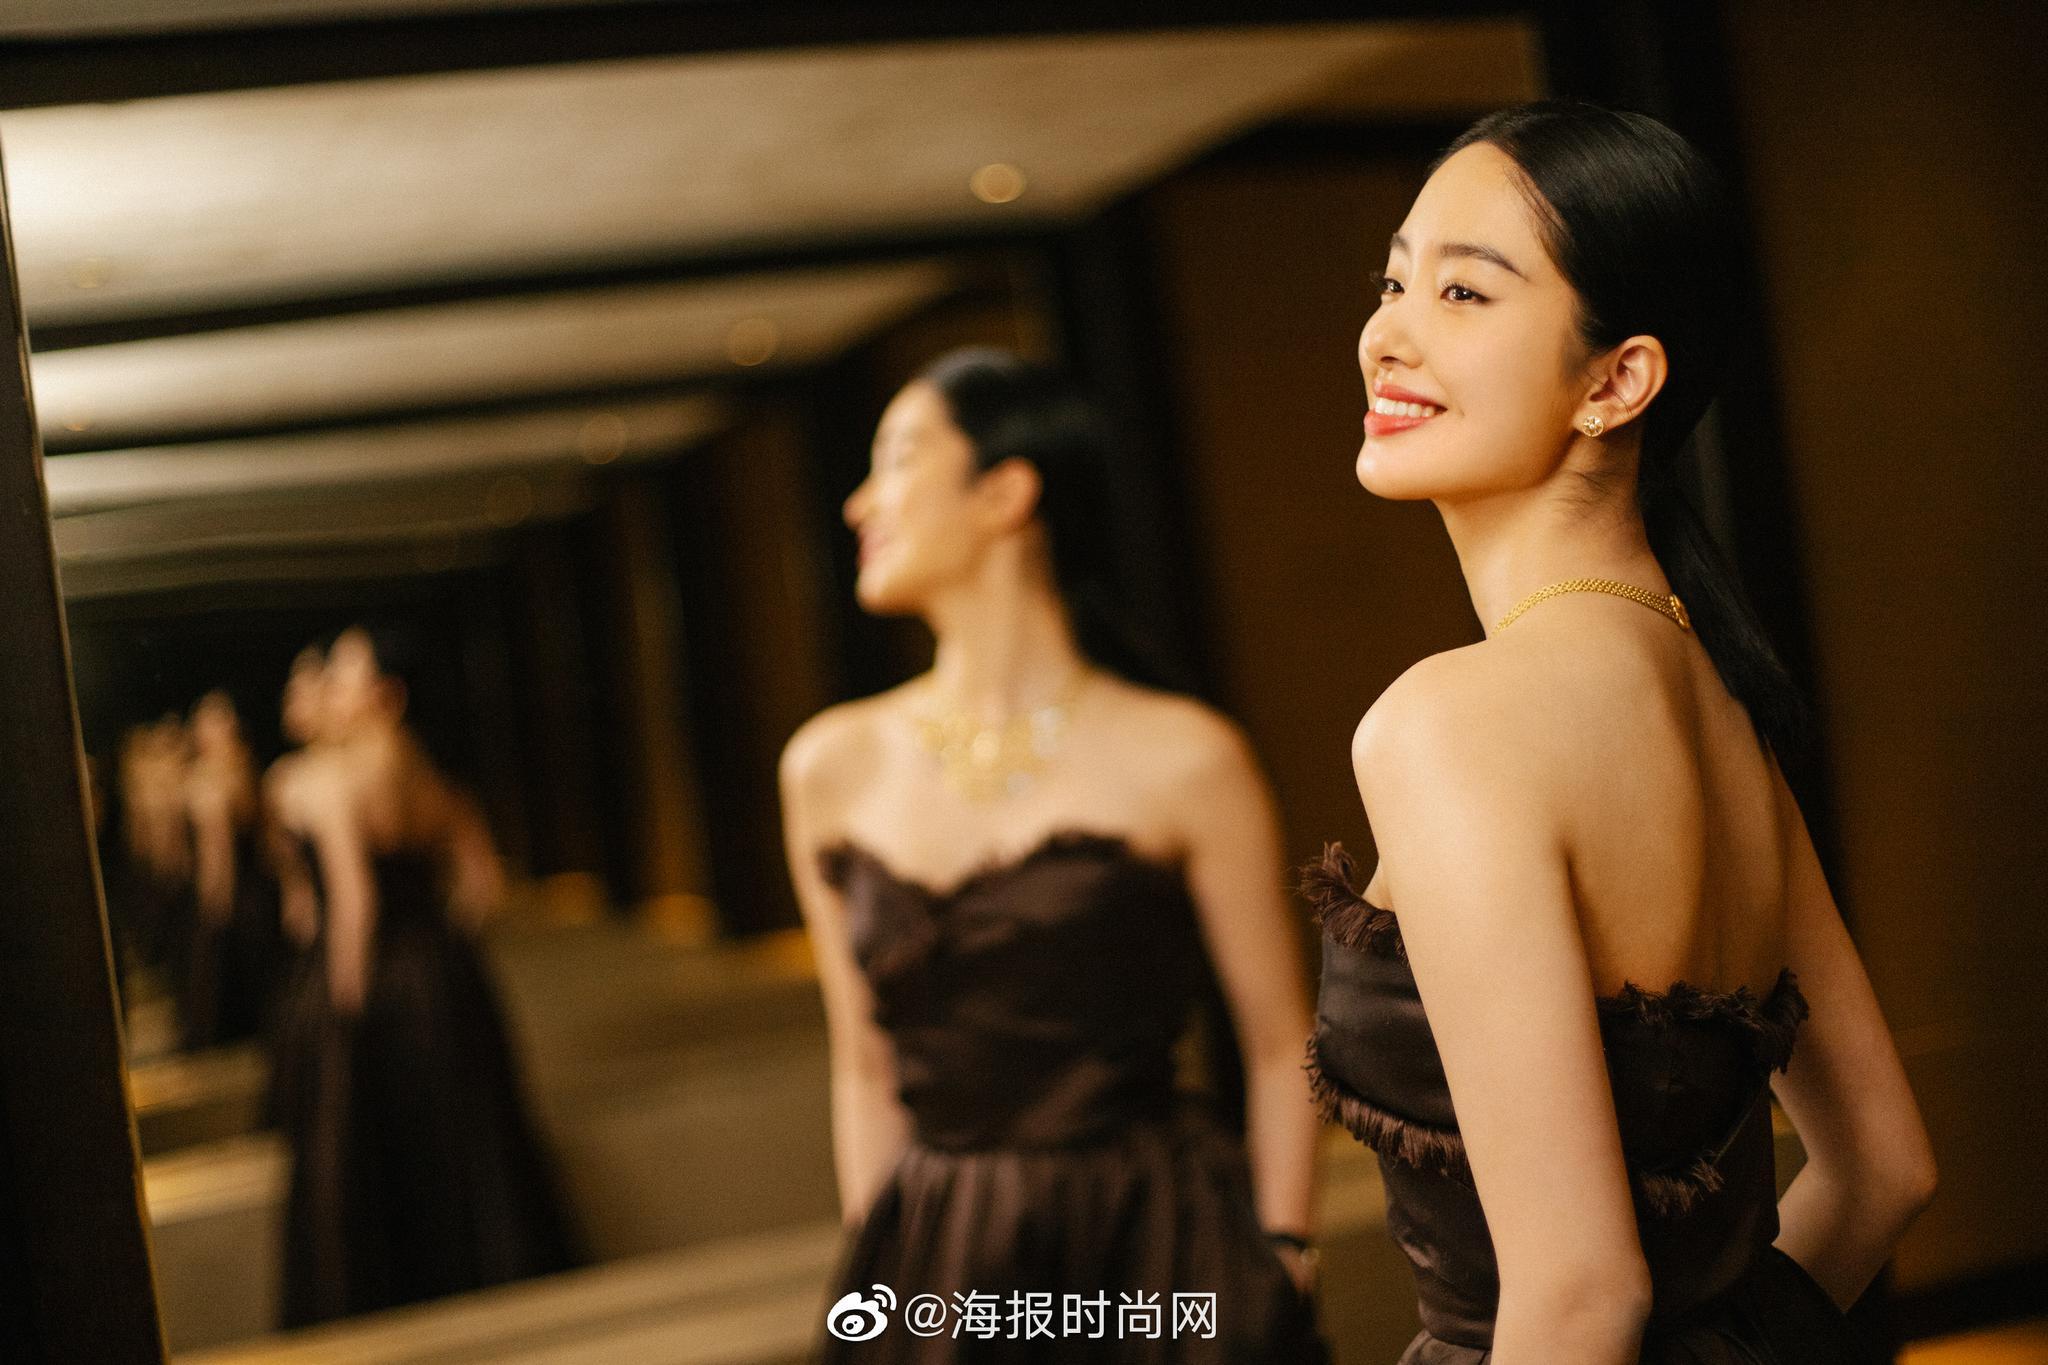 今晚, 以一袭抹胸长裙的杨采钰造型现身红毯,化繁为简